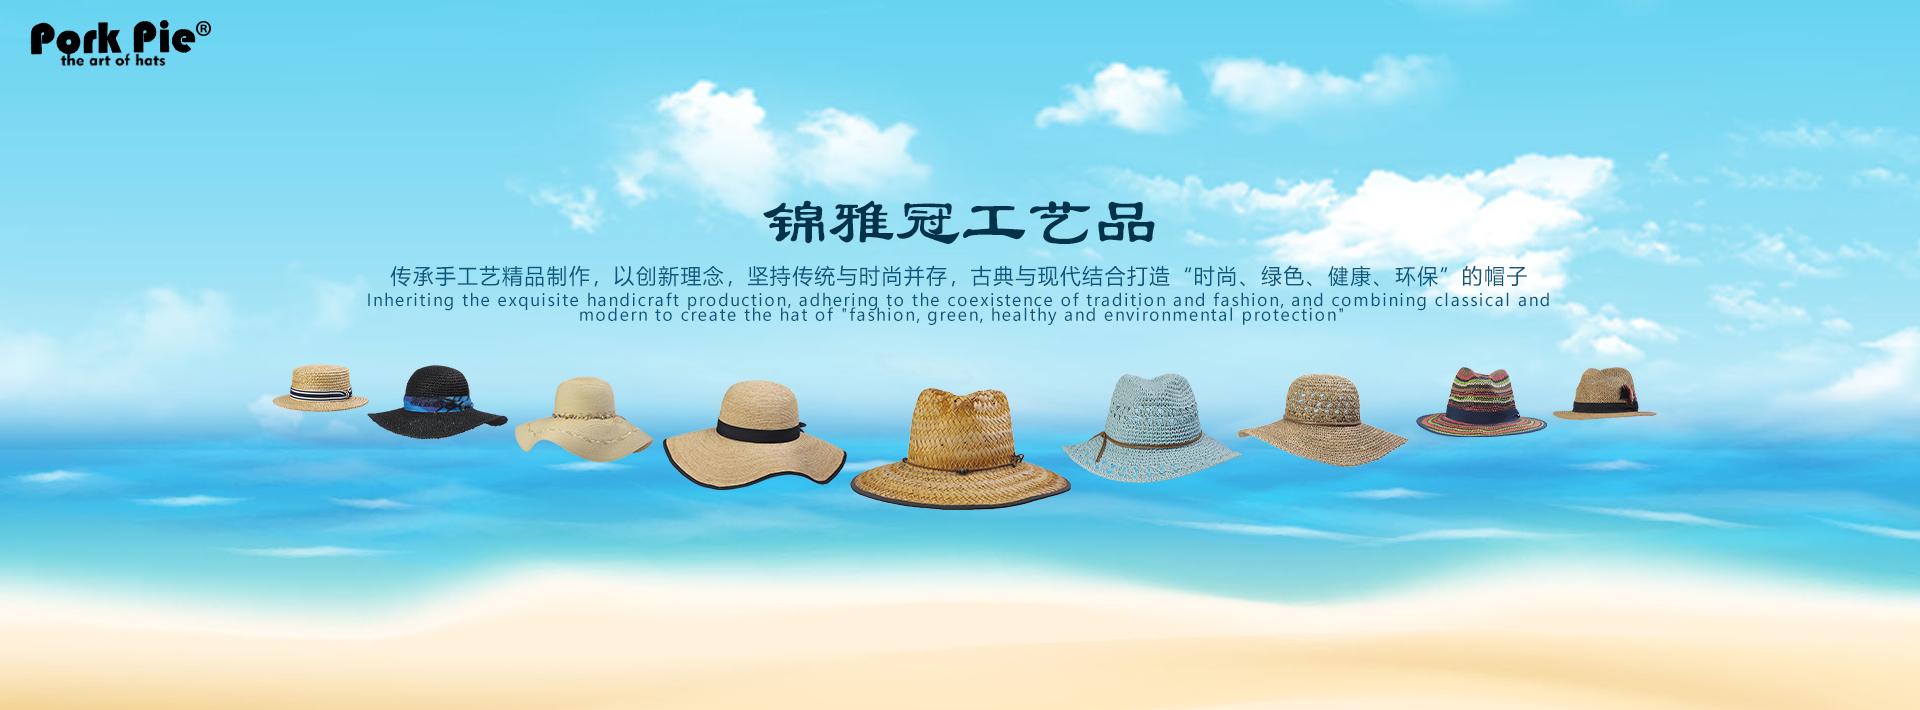 工艺帽,手编帽,中国帽子